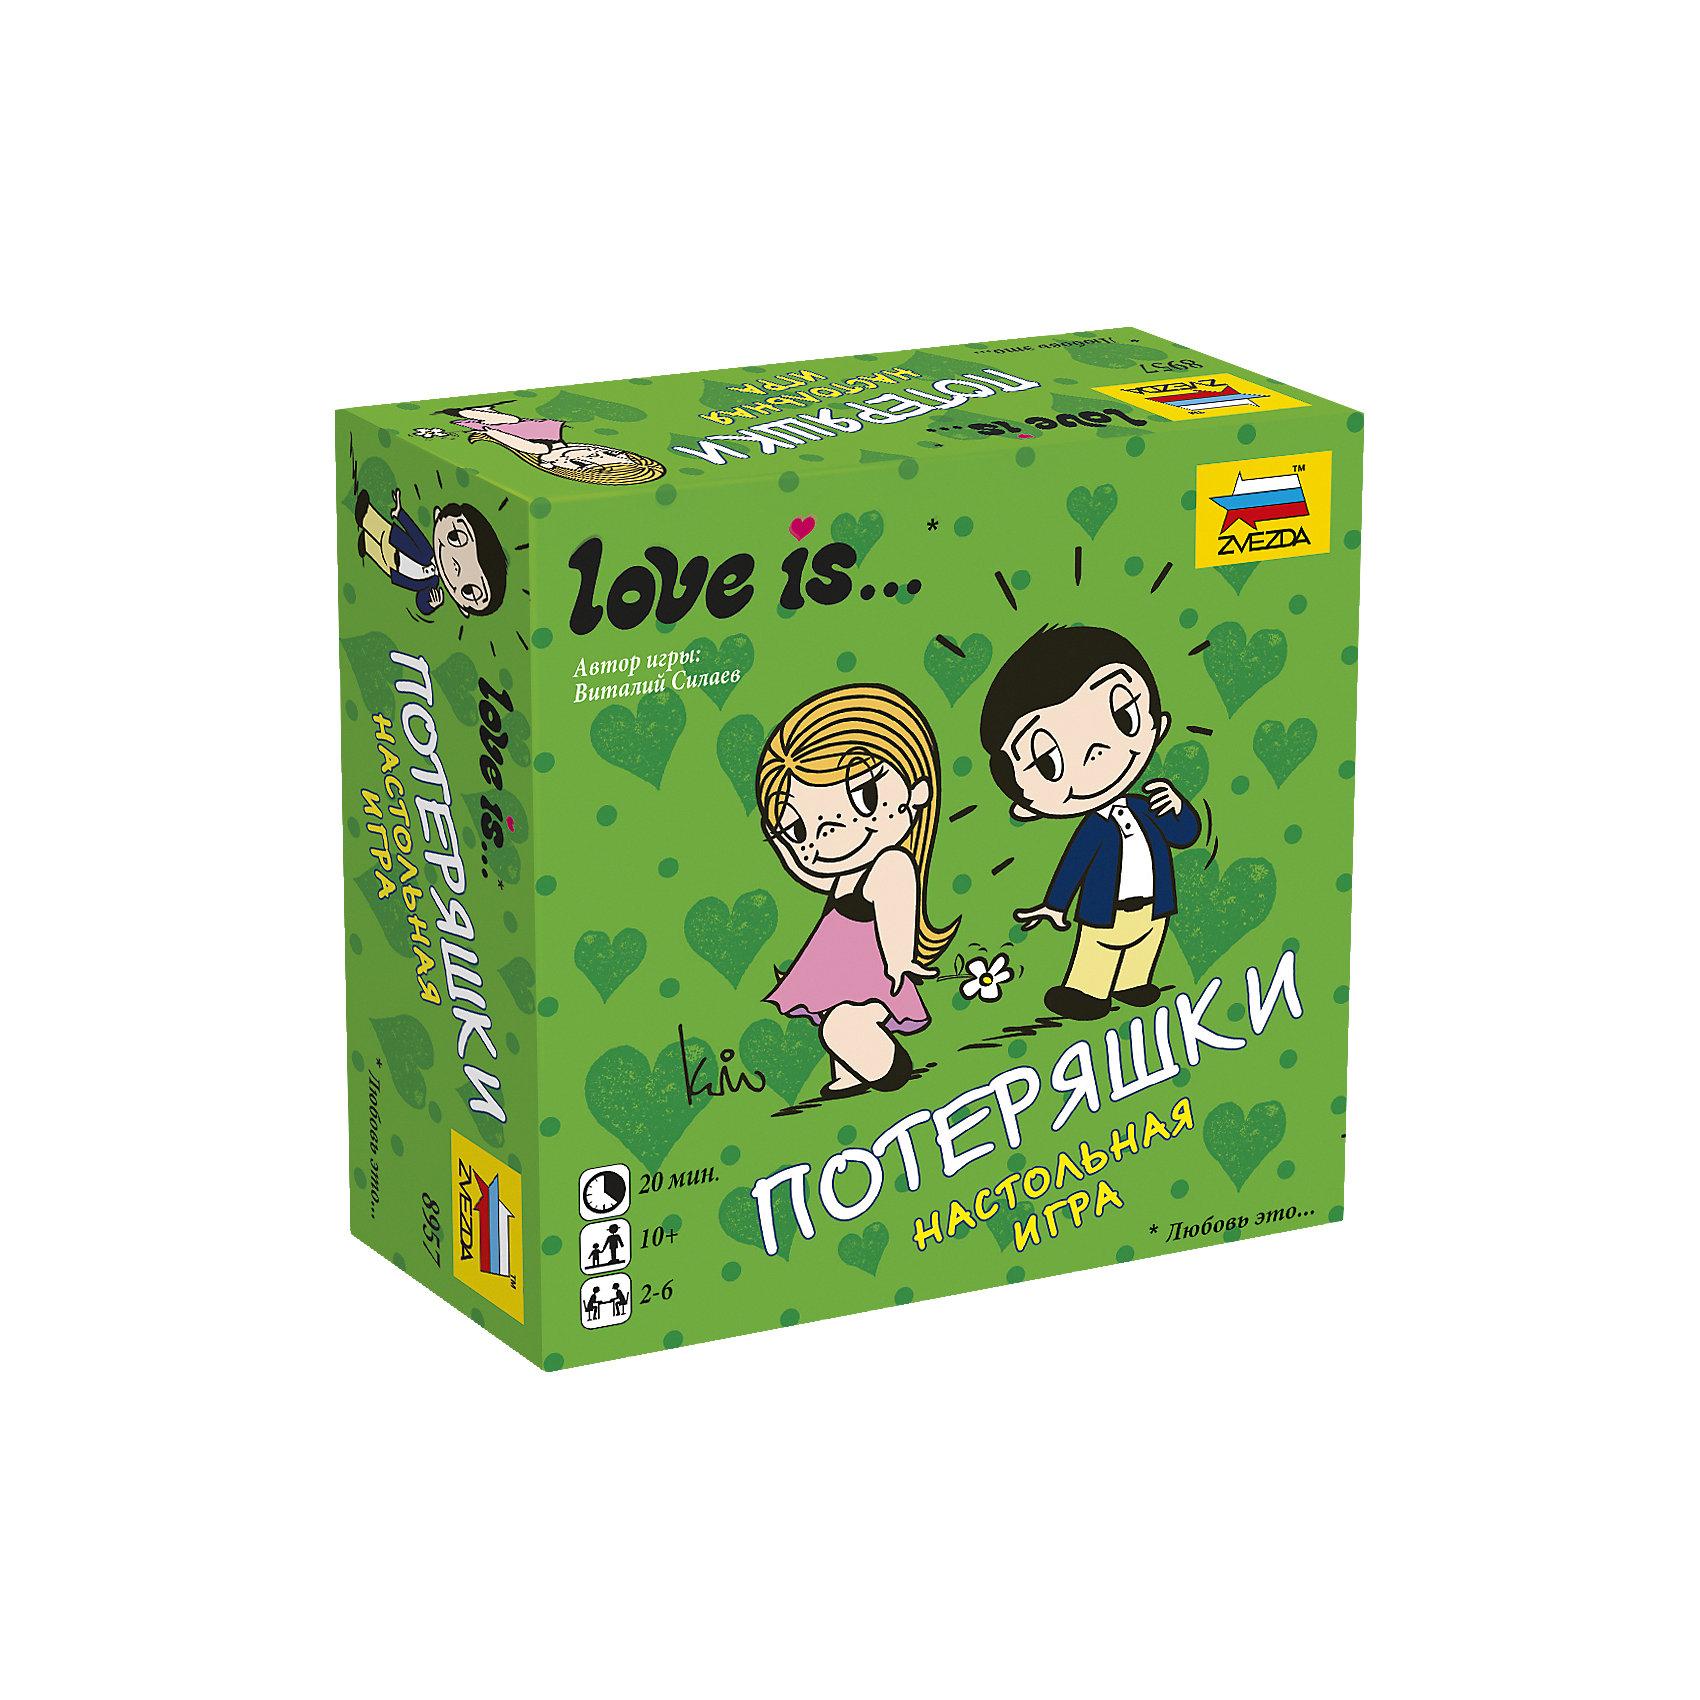 Настольная игра Звезда Love is… ПотеряшкиНастольные игры для всей семьи<br>Игра настольная Love is… Потеряшки<br><br>Ширина мм: 110<br>Глубина мм: 110<br>Высота мм: 40<br>Вес г: 250<br>Возраст от месяцев: 120<br>Возраст до месяцев: 180<br>Пол: Унисекс<br>Возраст: Детский<br>SKU: 7086581